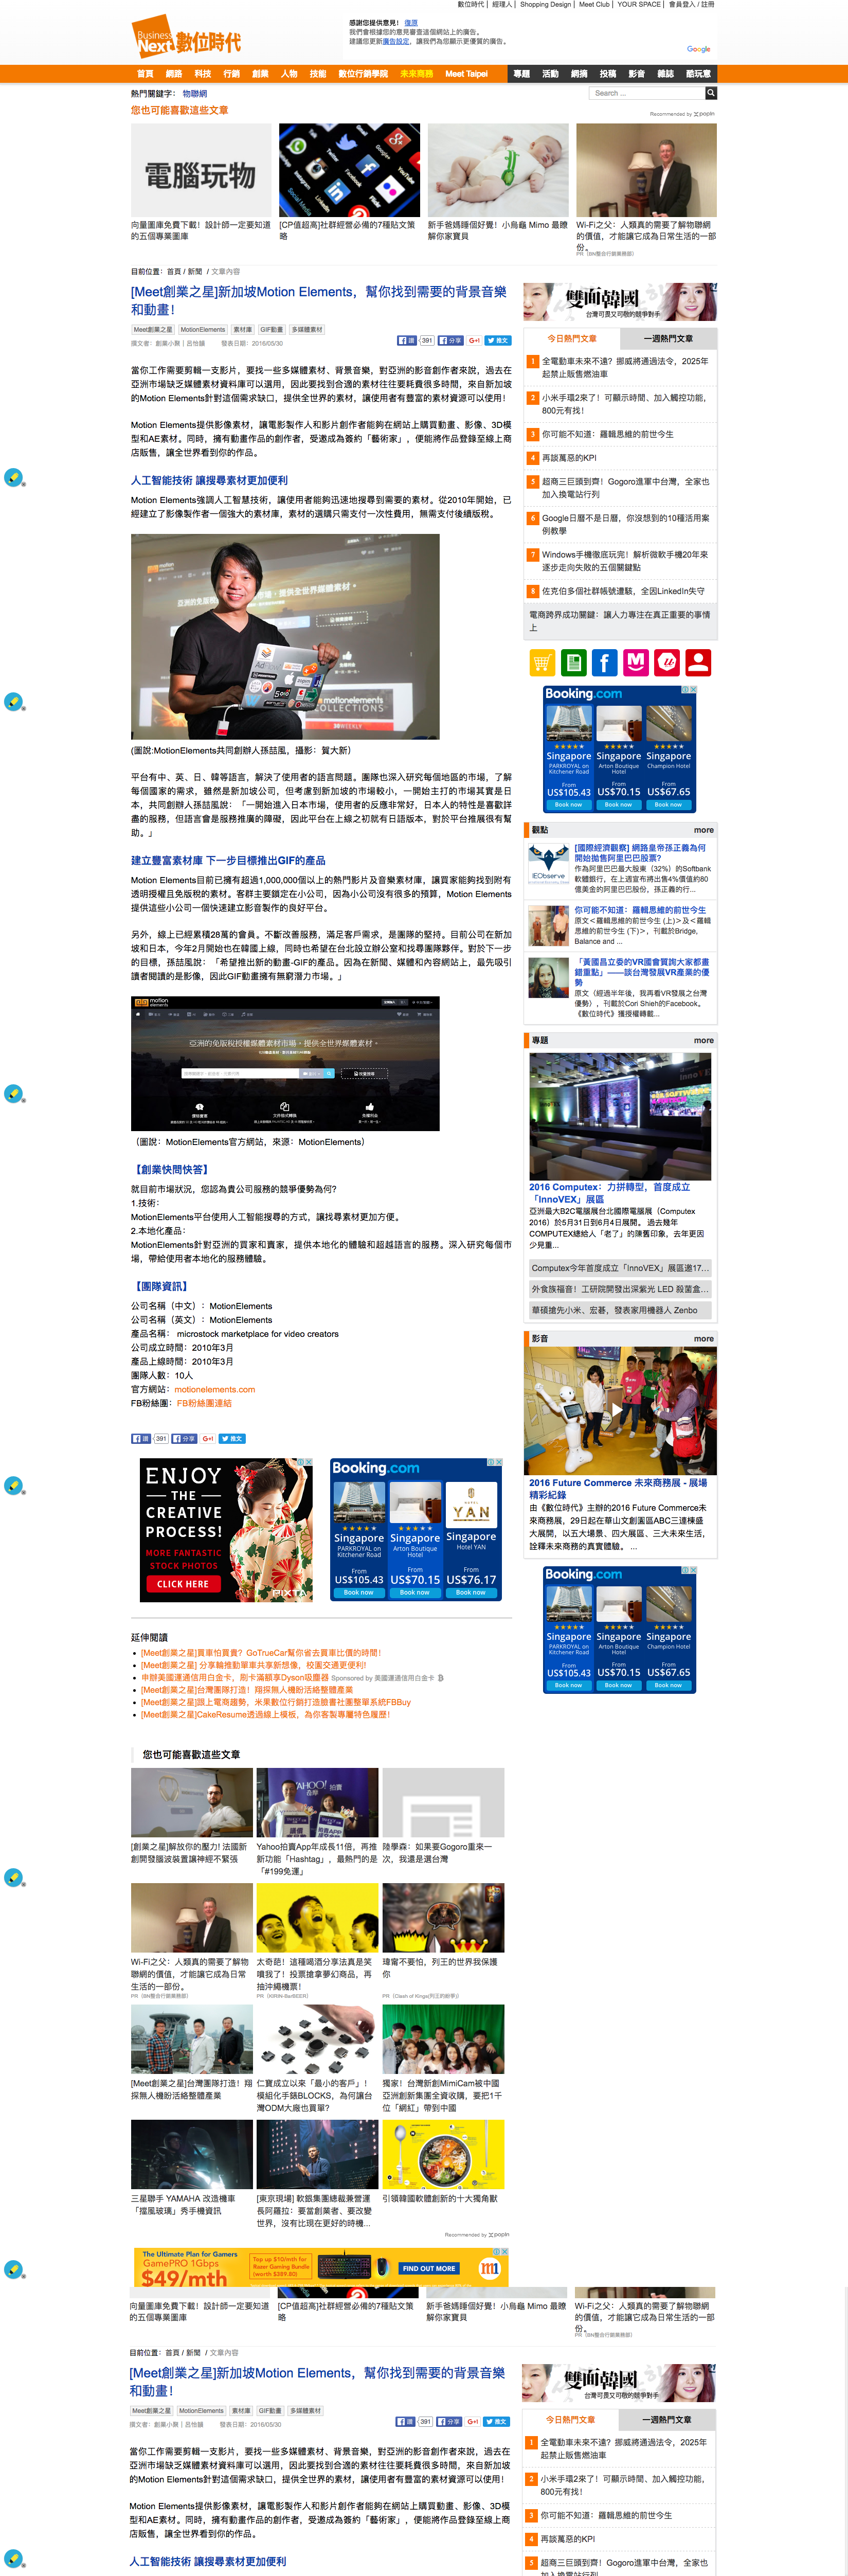 screenshot-www.bnext.com.tw 2016-05-30 14-12-02